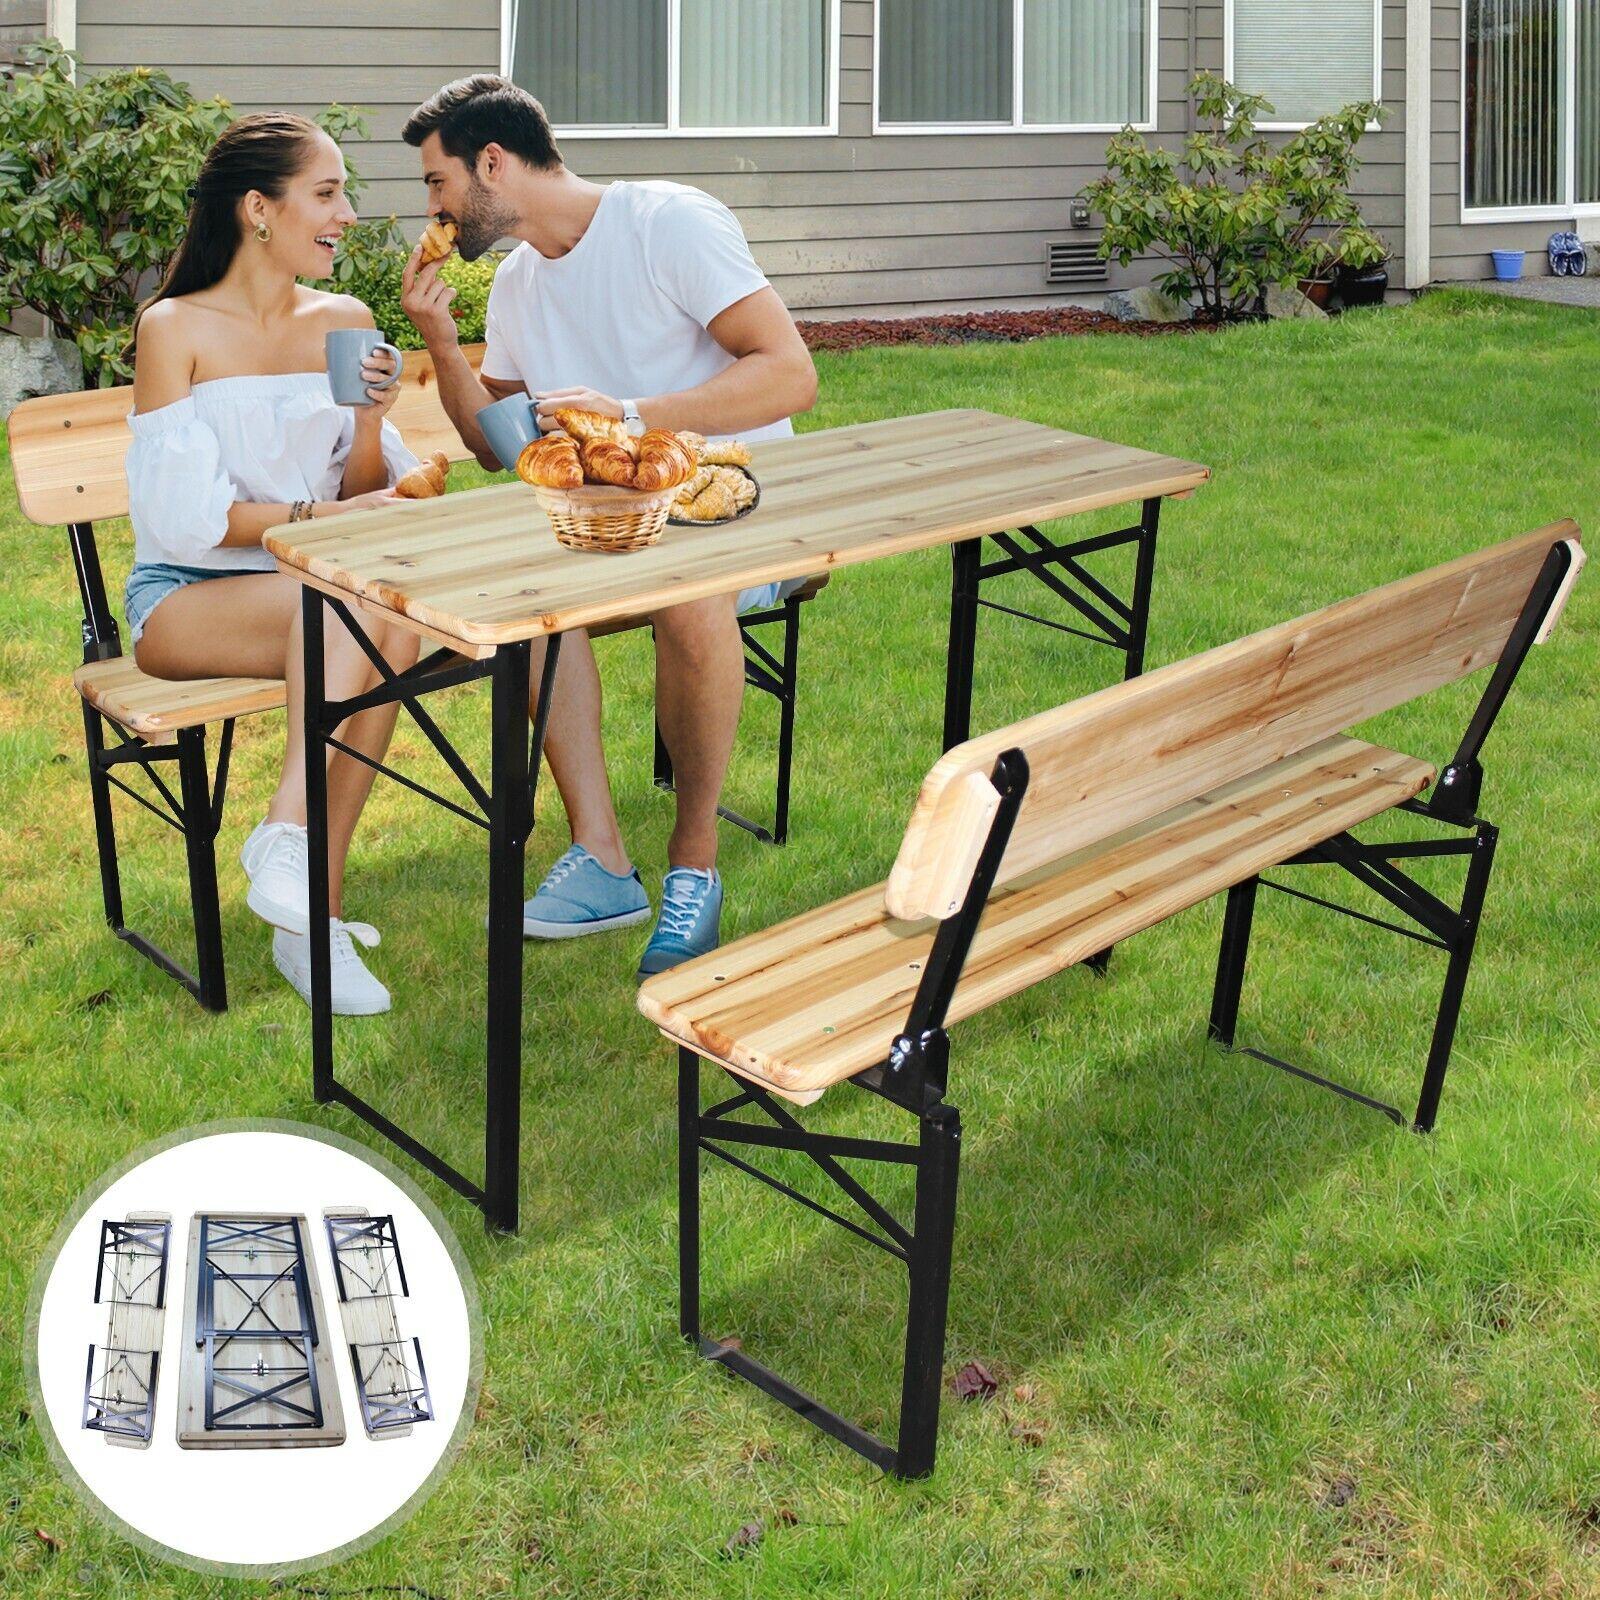 Picknicktisch 175 cm Festzeltgarnitur Gartentisch Gartenbank Bierbank klappbar